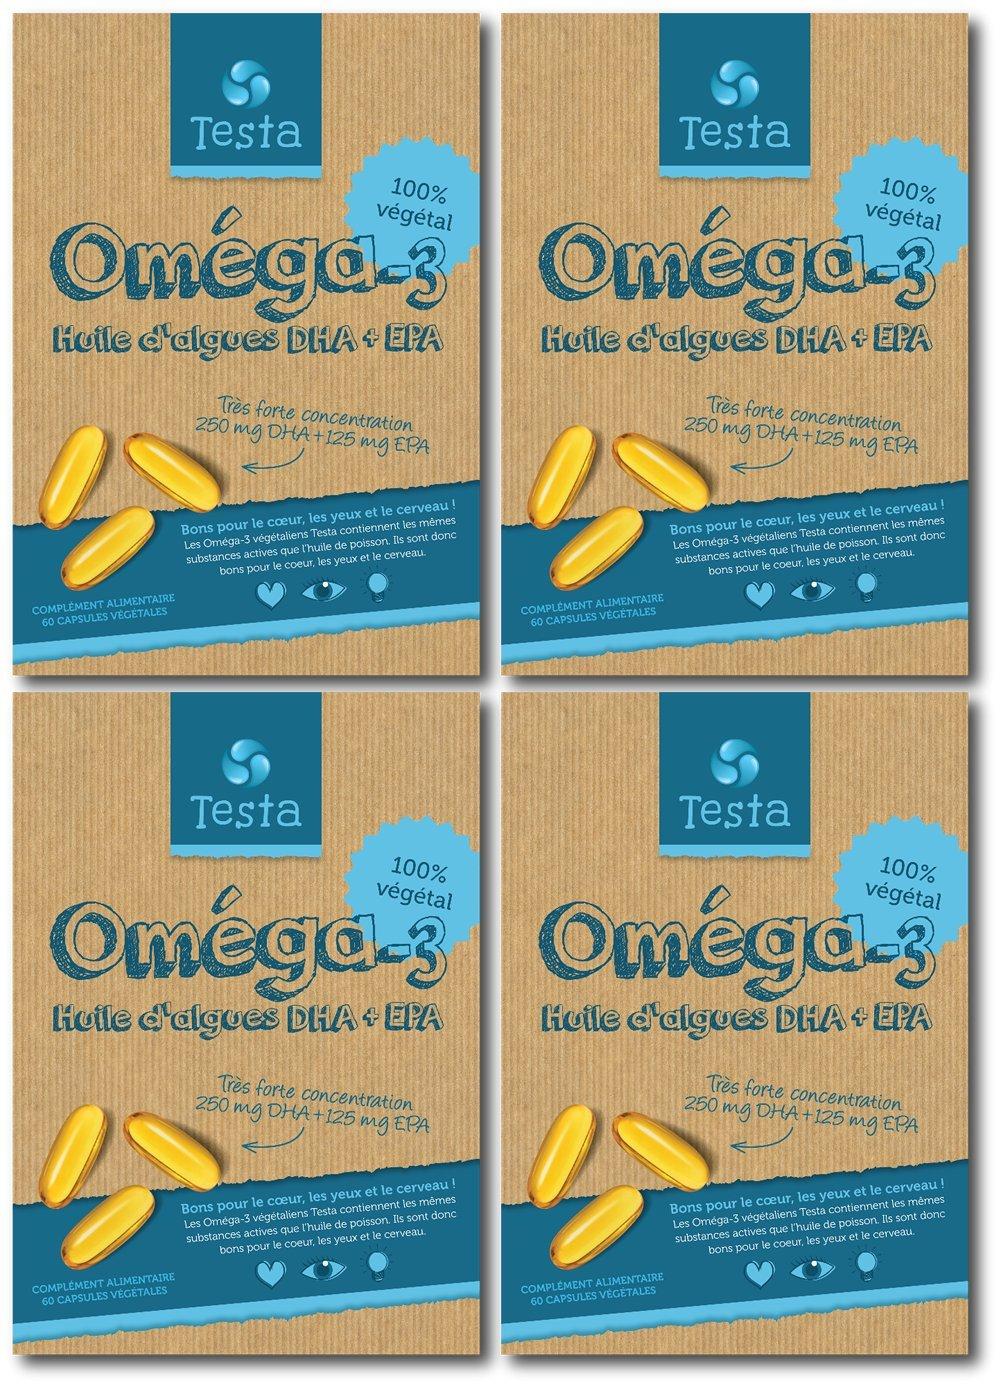 e51901c9d5de Testa Omega-3 450mg DHA+EPA - Huile d algues - Omega-3 vegan - 240 capsules  - 8 mois d utilisation  Amazon.fr  Hygiène et Soins du corps